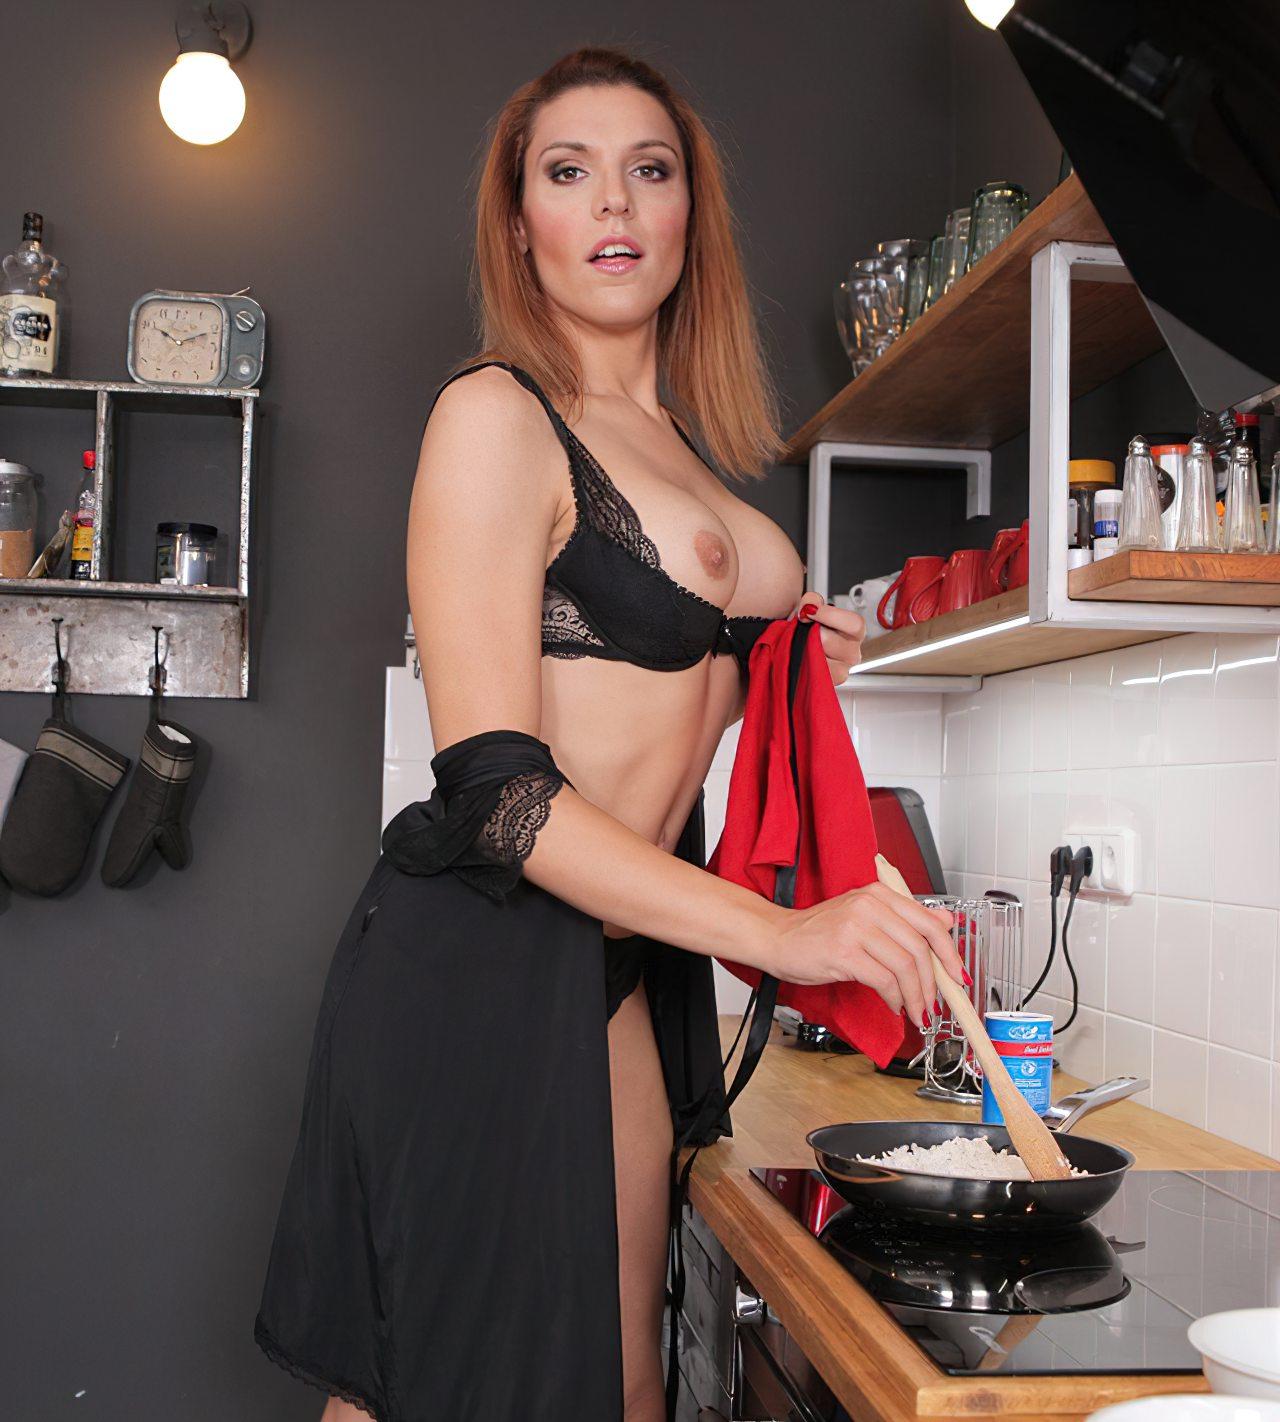 Travesti Safada Bem Gostosa Cozinha (4)